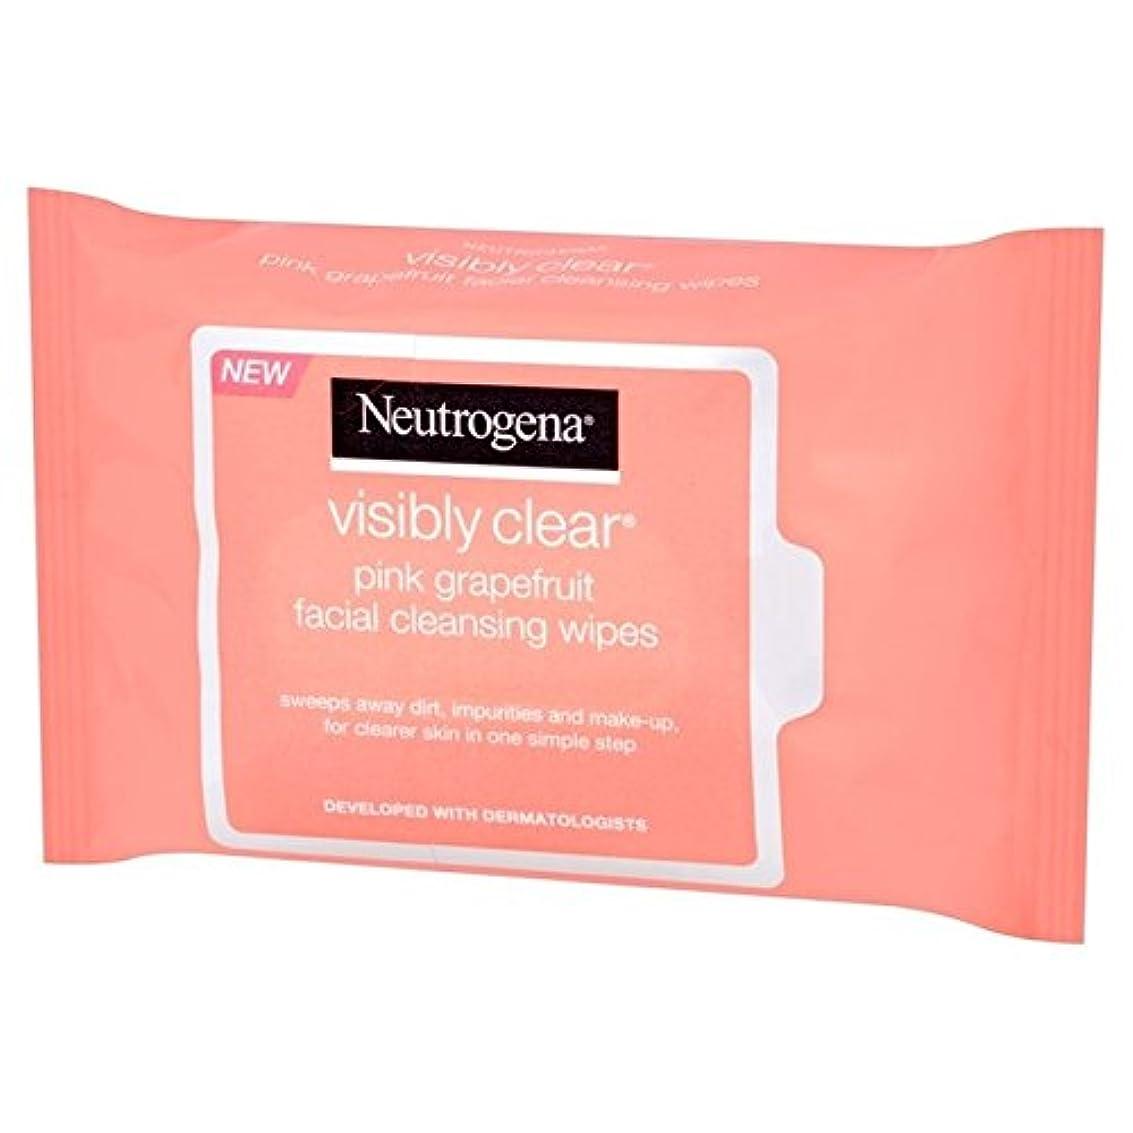 暗殺するアルミニウム引き算Neutrogena Visibly Clear Pink Grapefruit Wipes 25 per pack - ニュートロジーナ目に見えて明らかピンクグレープフルーツは、パックごとに25ワイプ [並行輸入品]